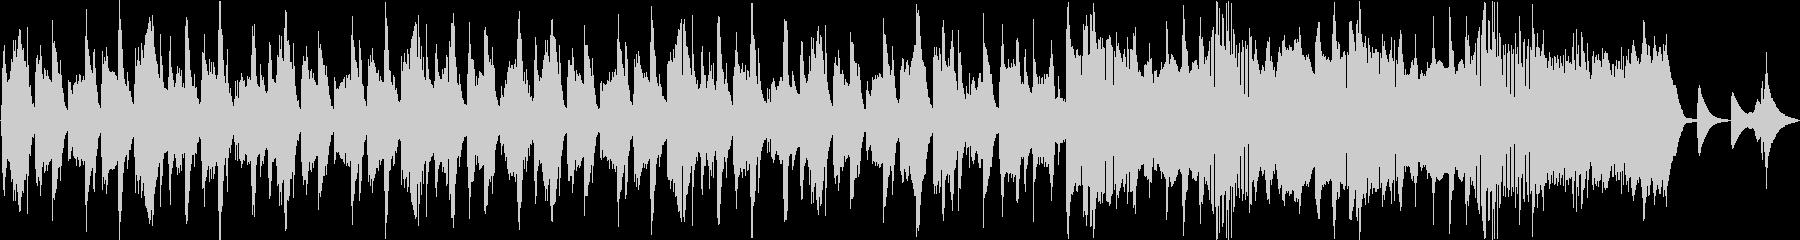 【ループ可】カントリー系の明るいコミカルの未再生の波形